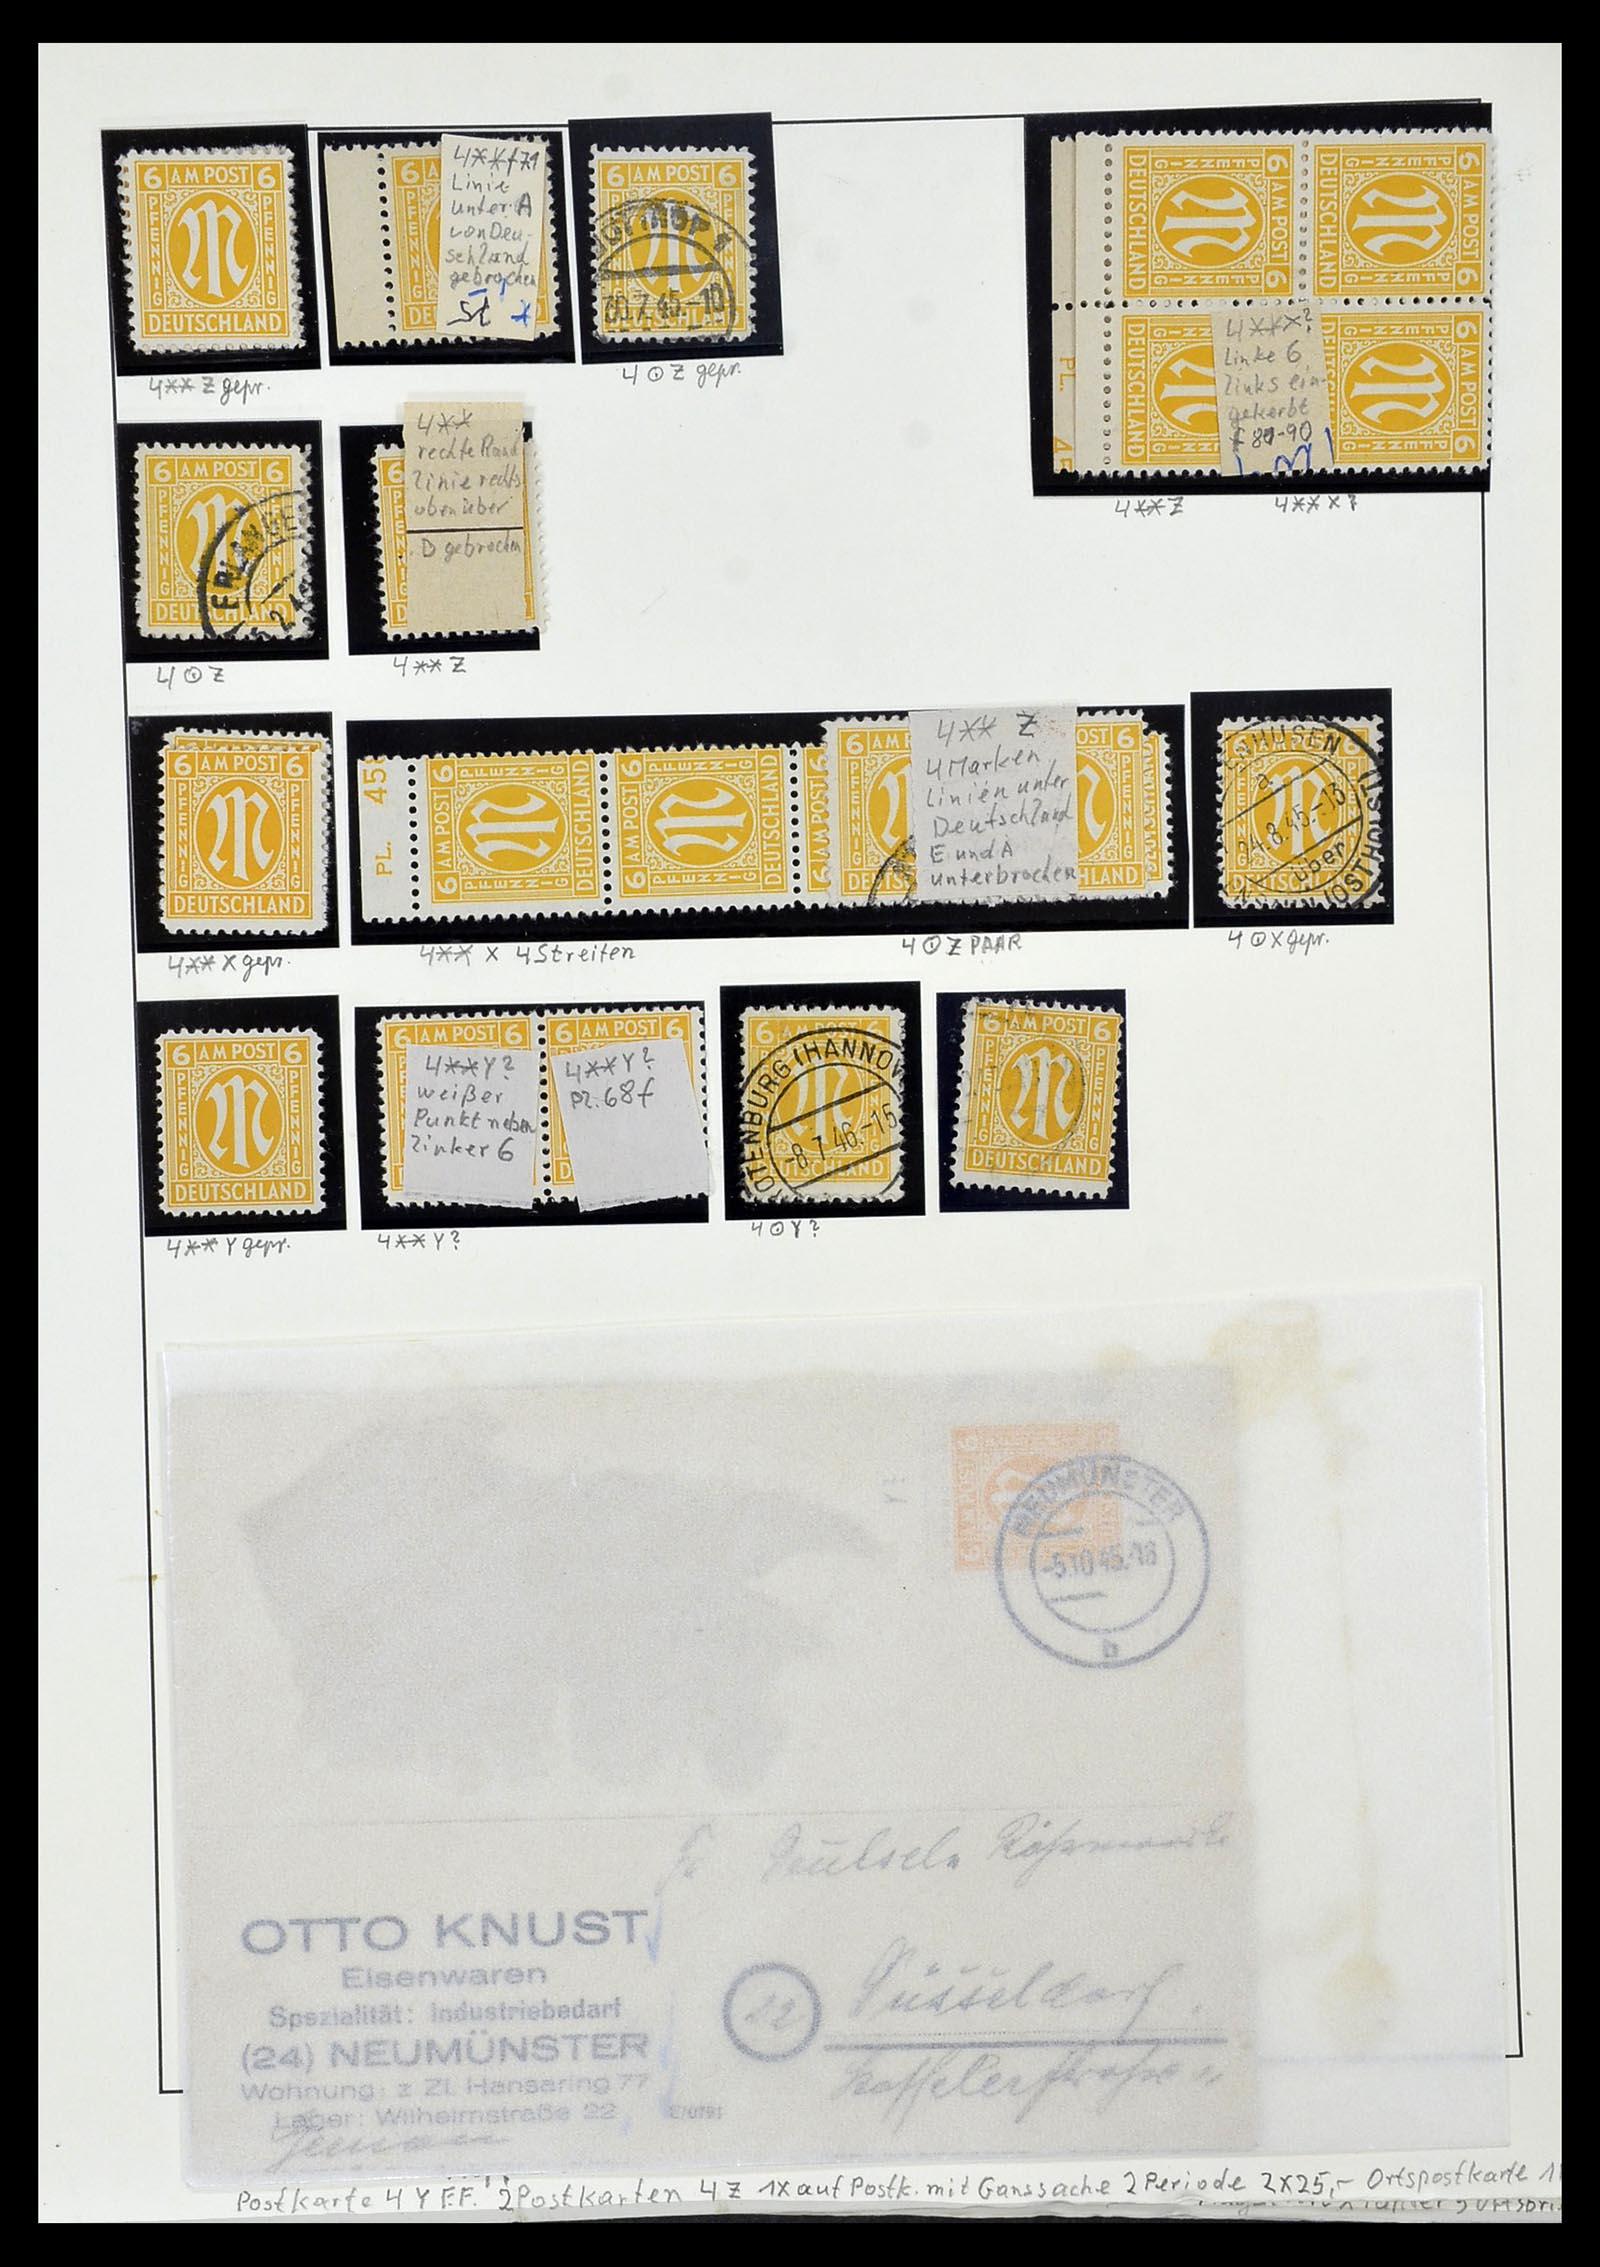 34152 018 - Postzegelverzameling 34152 Duitse Zones 1945-1949.